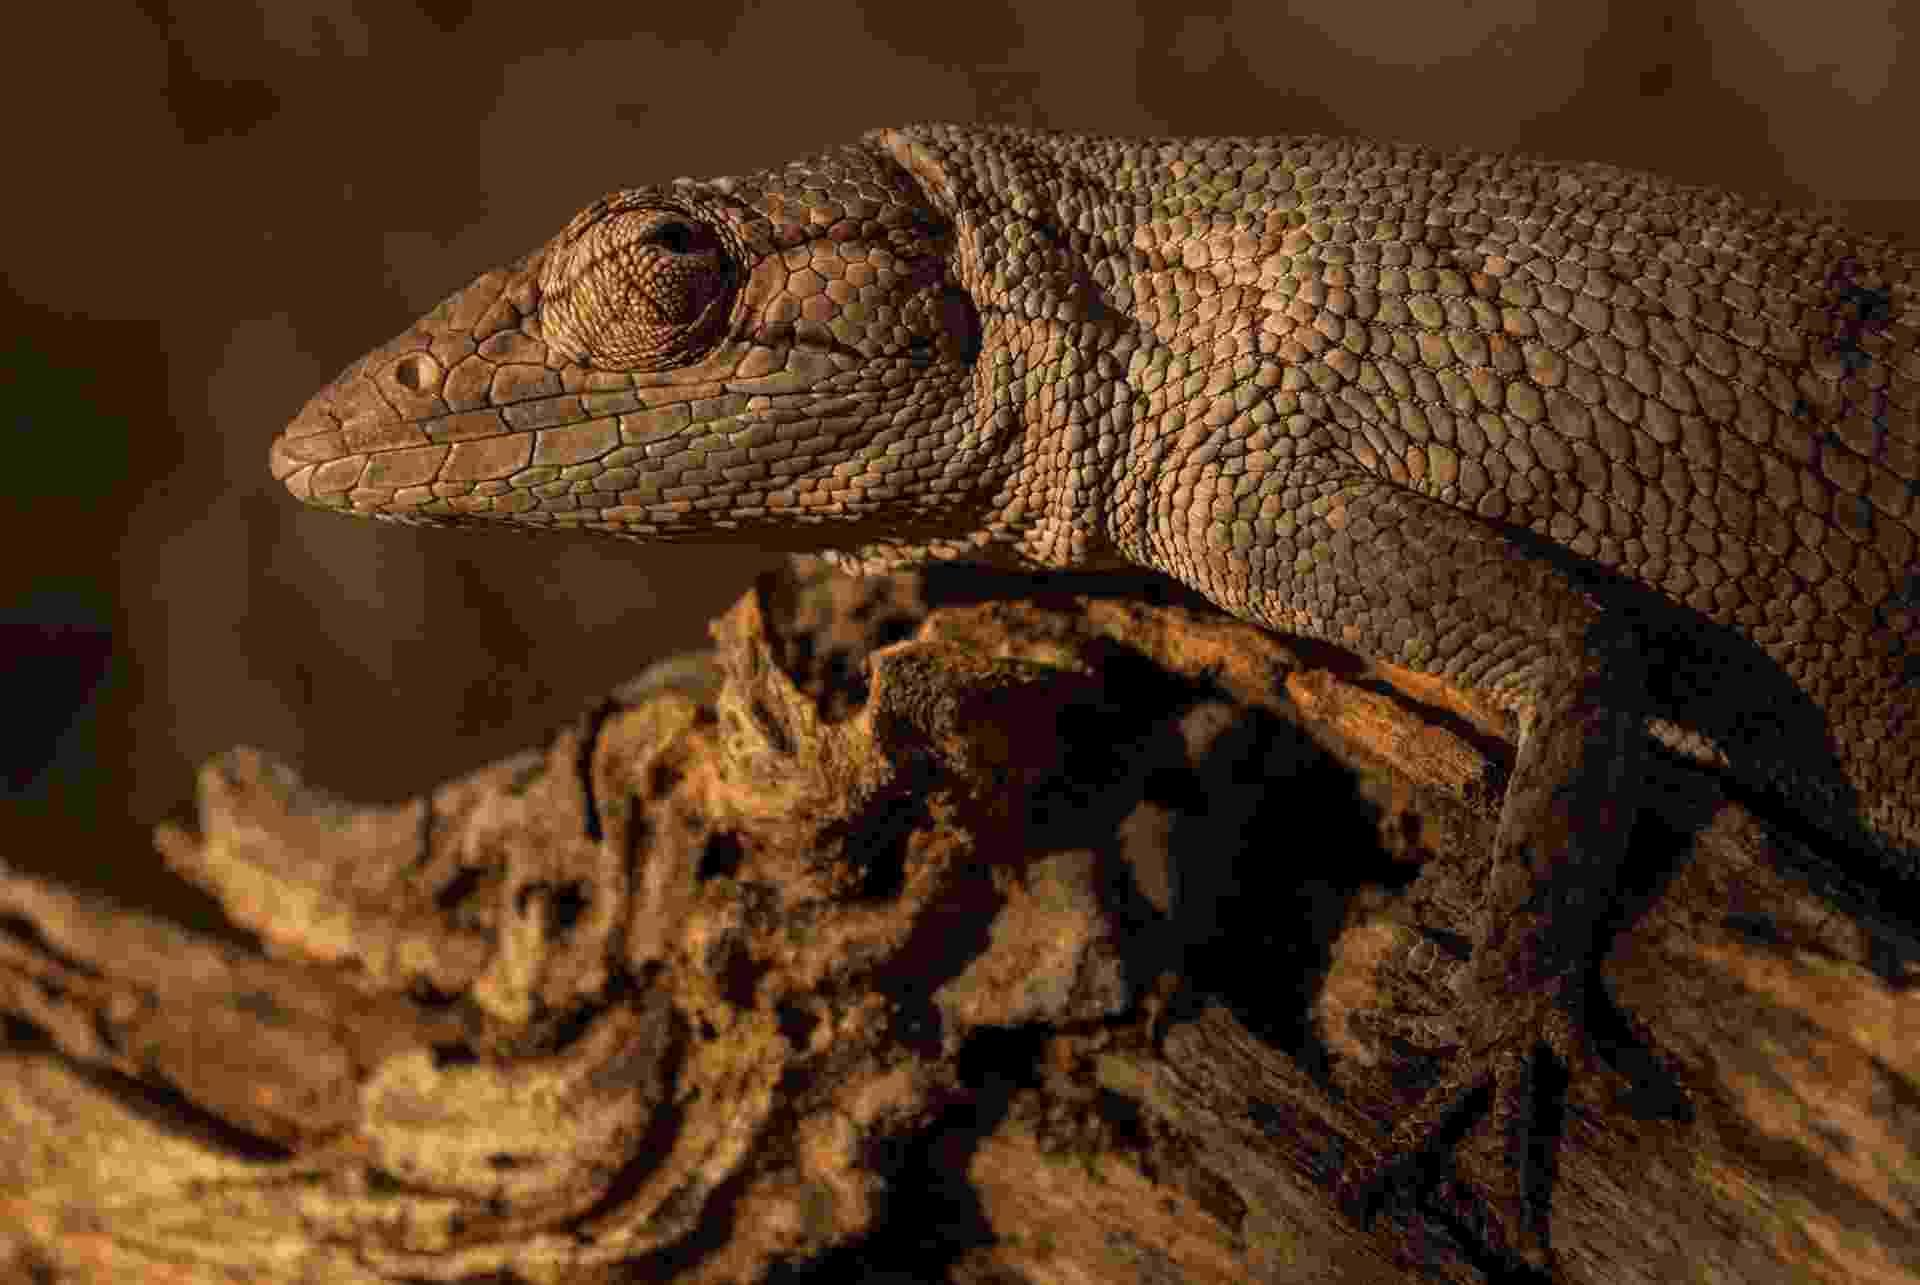 19.abr.2017 - Registro de um calango no Parque Nacional da Serra das Confusões, animal típico da Caatinga - Bruno Souza (WikiParques)